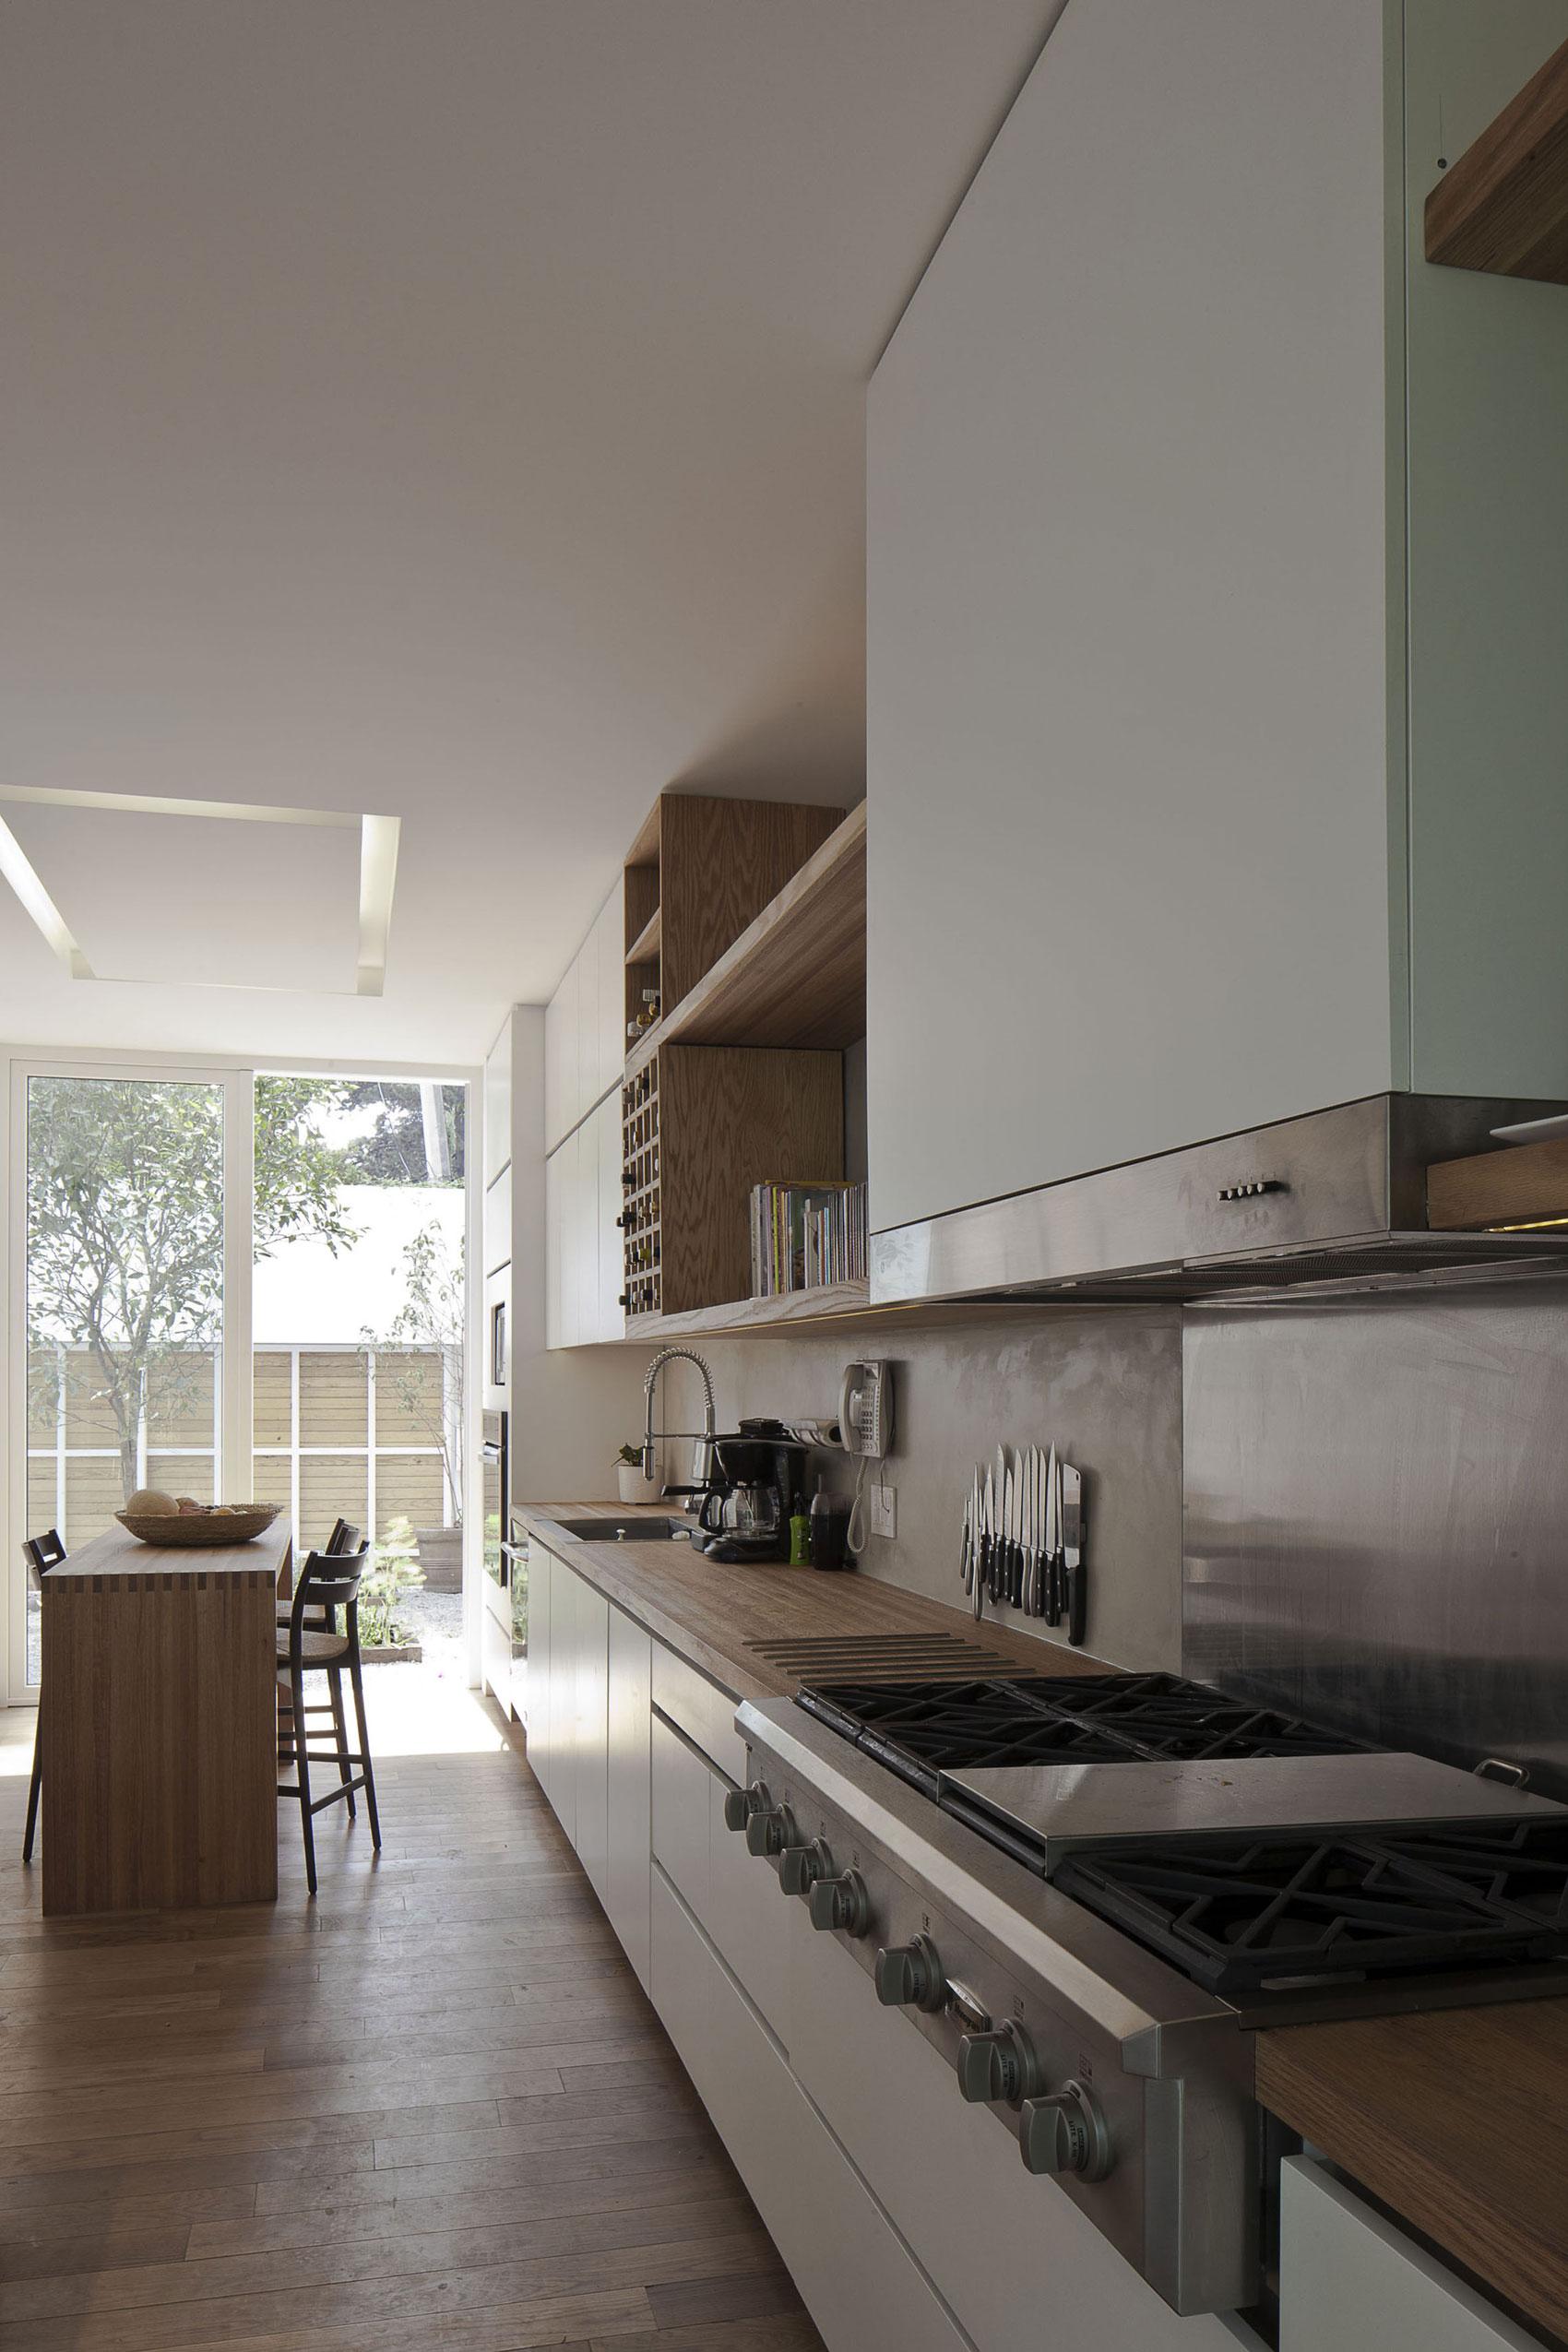 Роскошный интерьер кухни в загородном доме - Фото 39